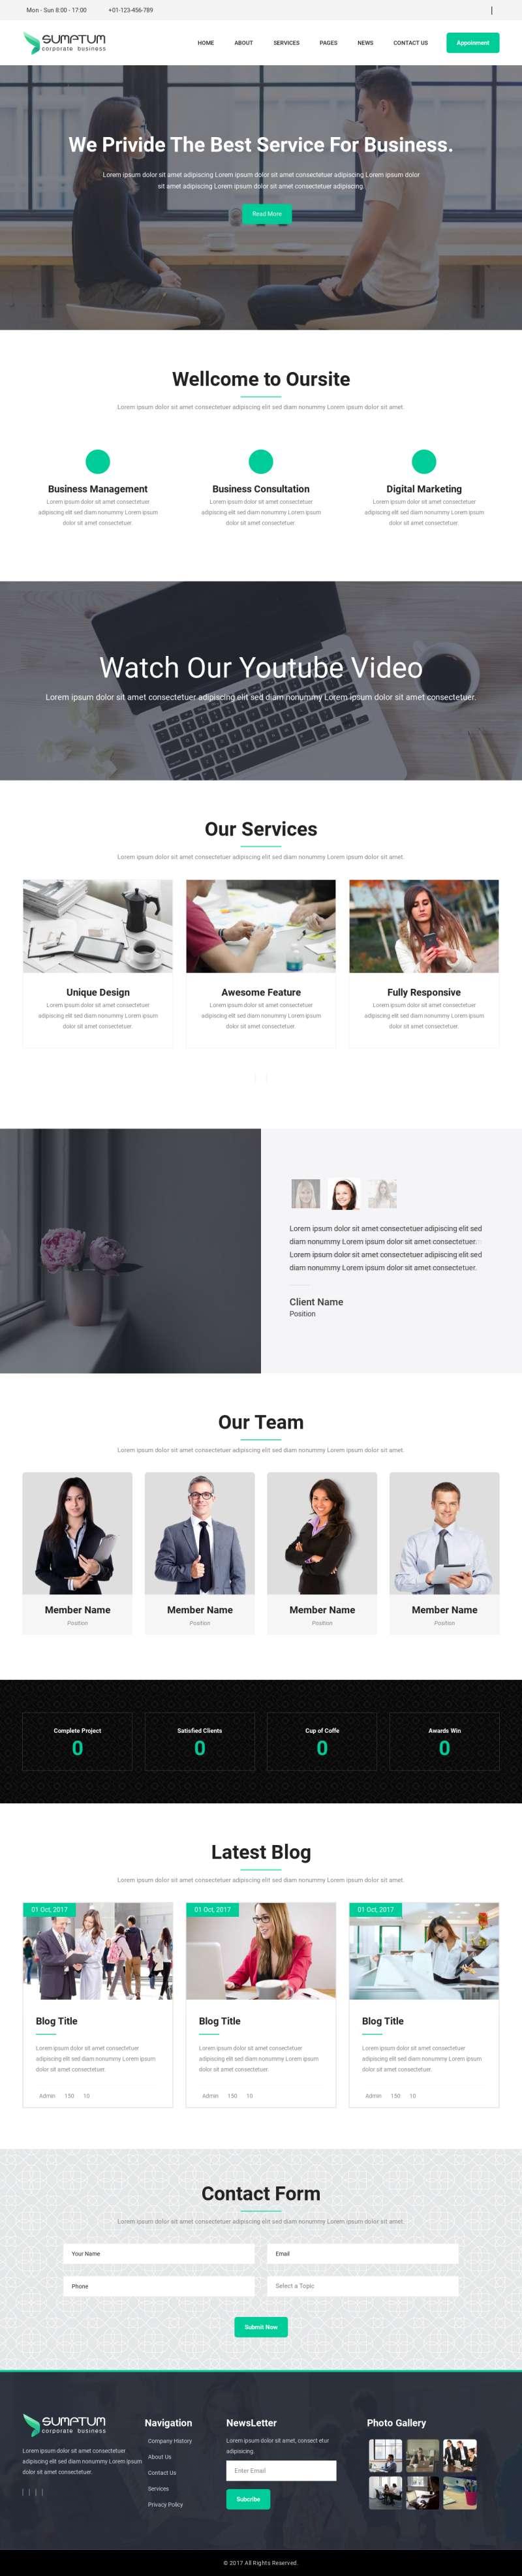 大气的商务咨询业务公司网站模板